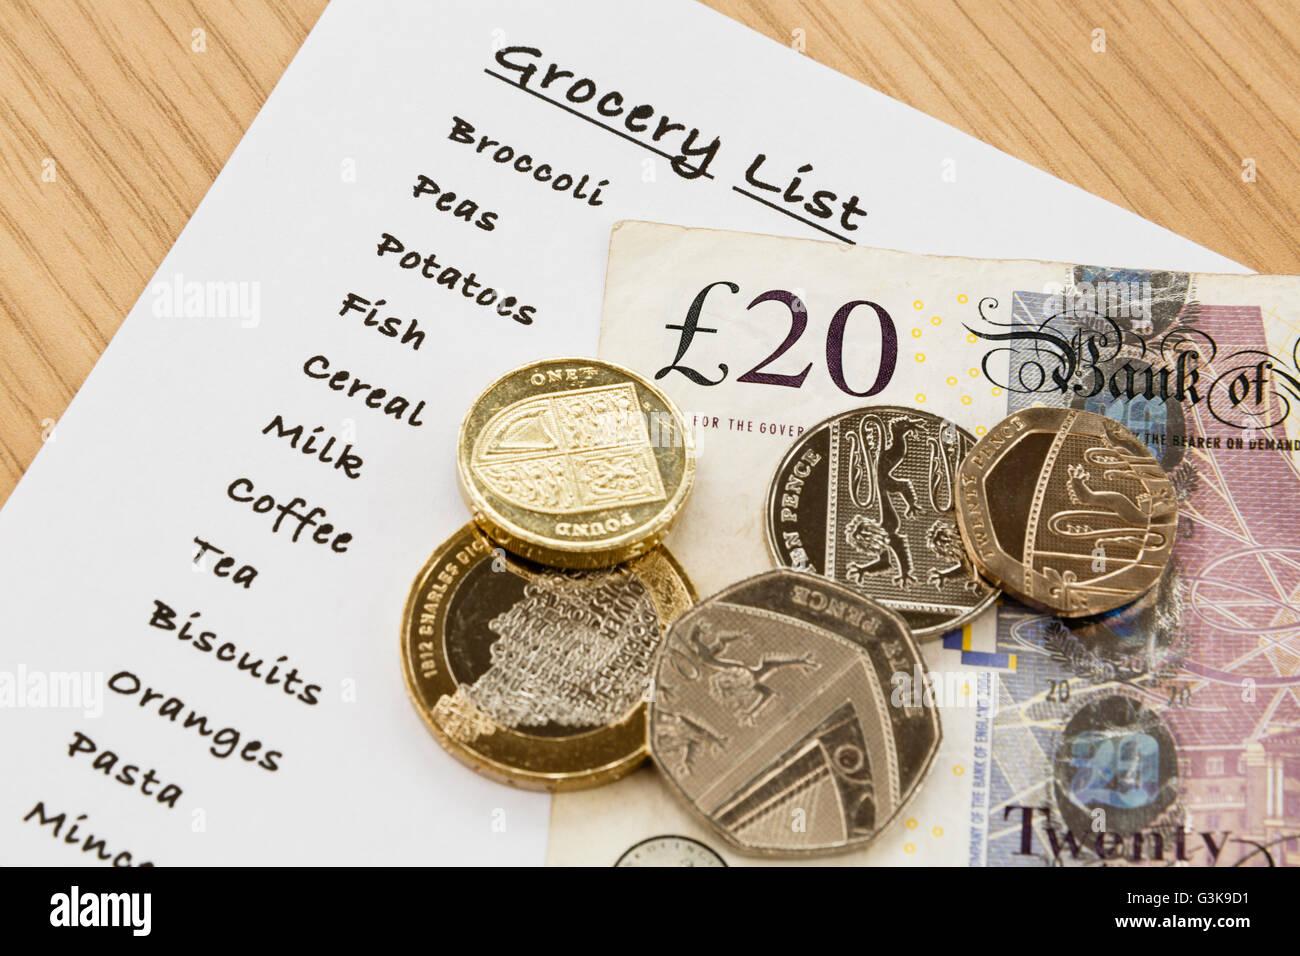 Lista de compras de comestibles con dinero en efectivo de la libra esterlina de arriba. Inglaterra, Reino Unido, Gran Bretaña Foto de stock